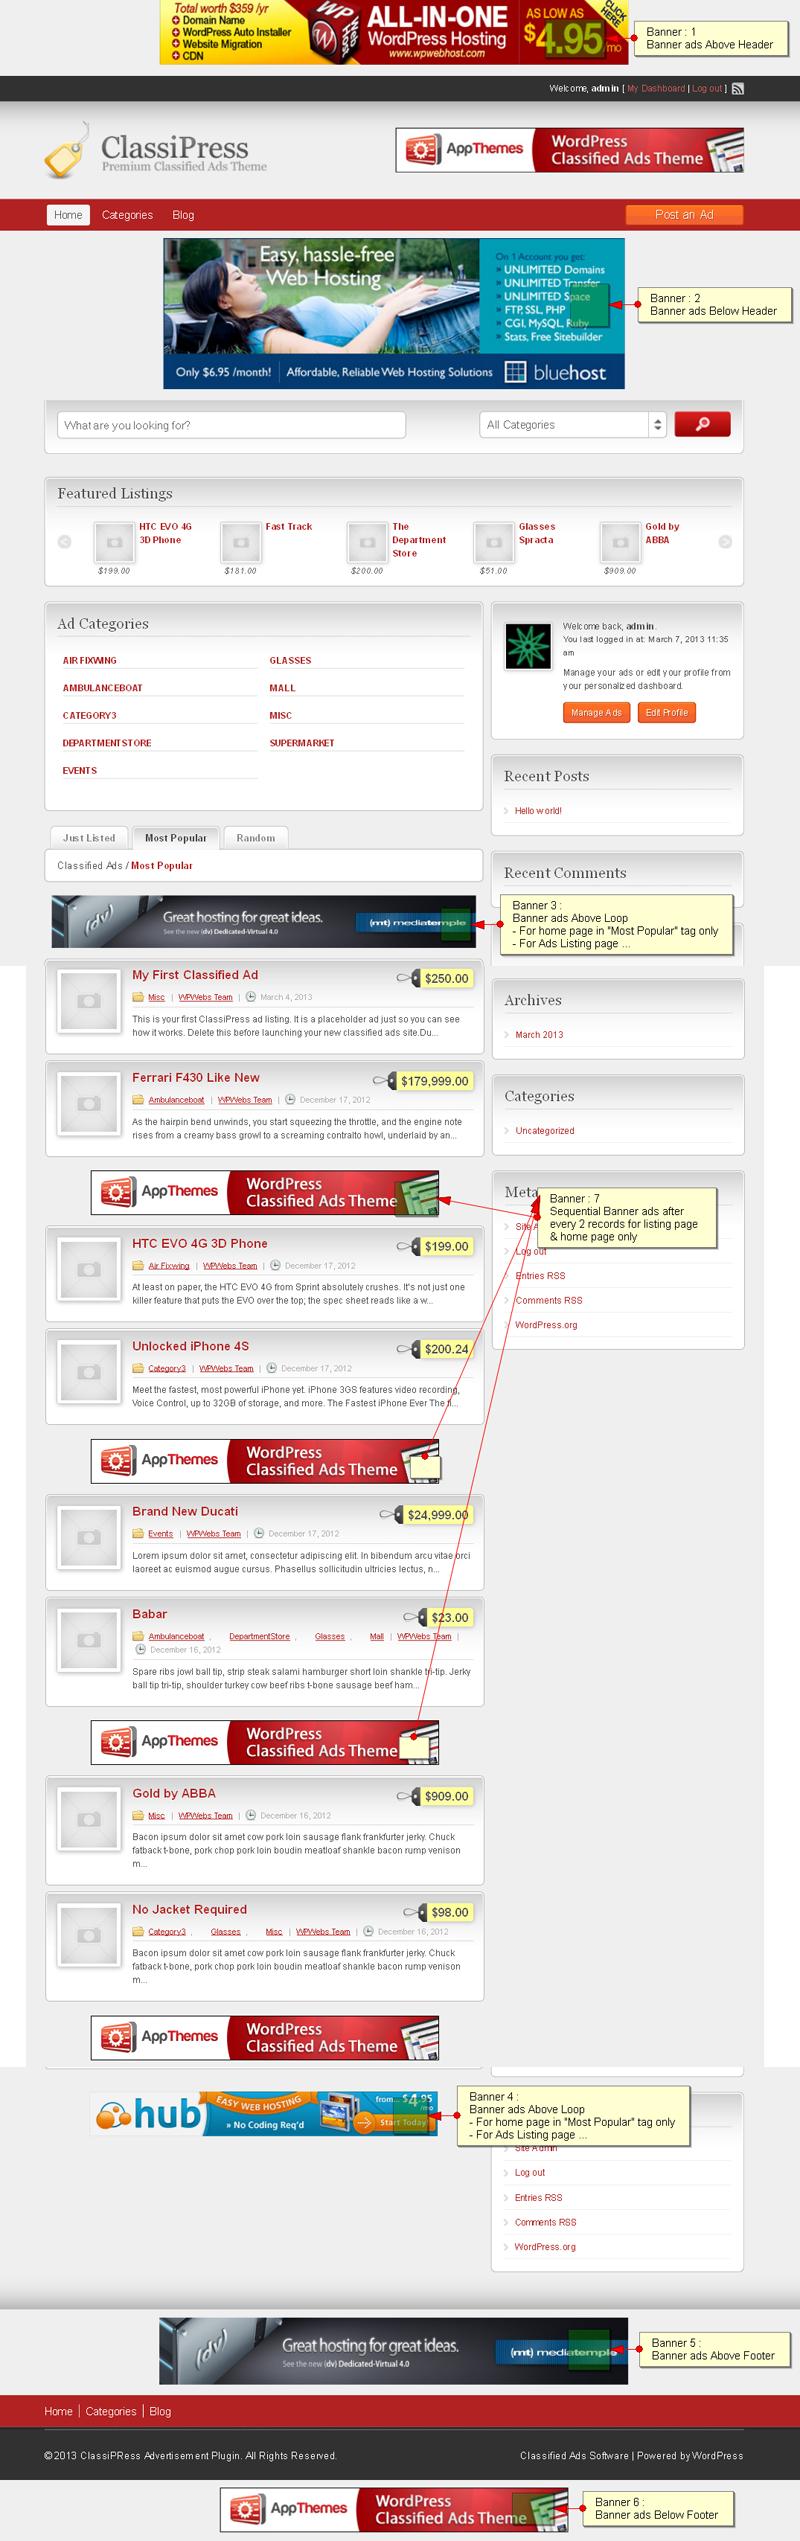 banner_ads_classipress-screenshot-1